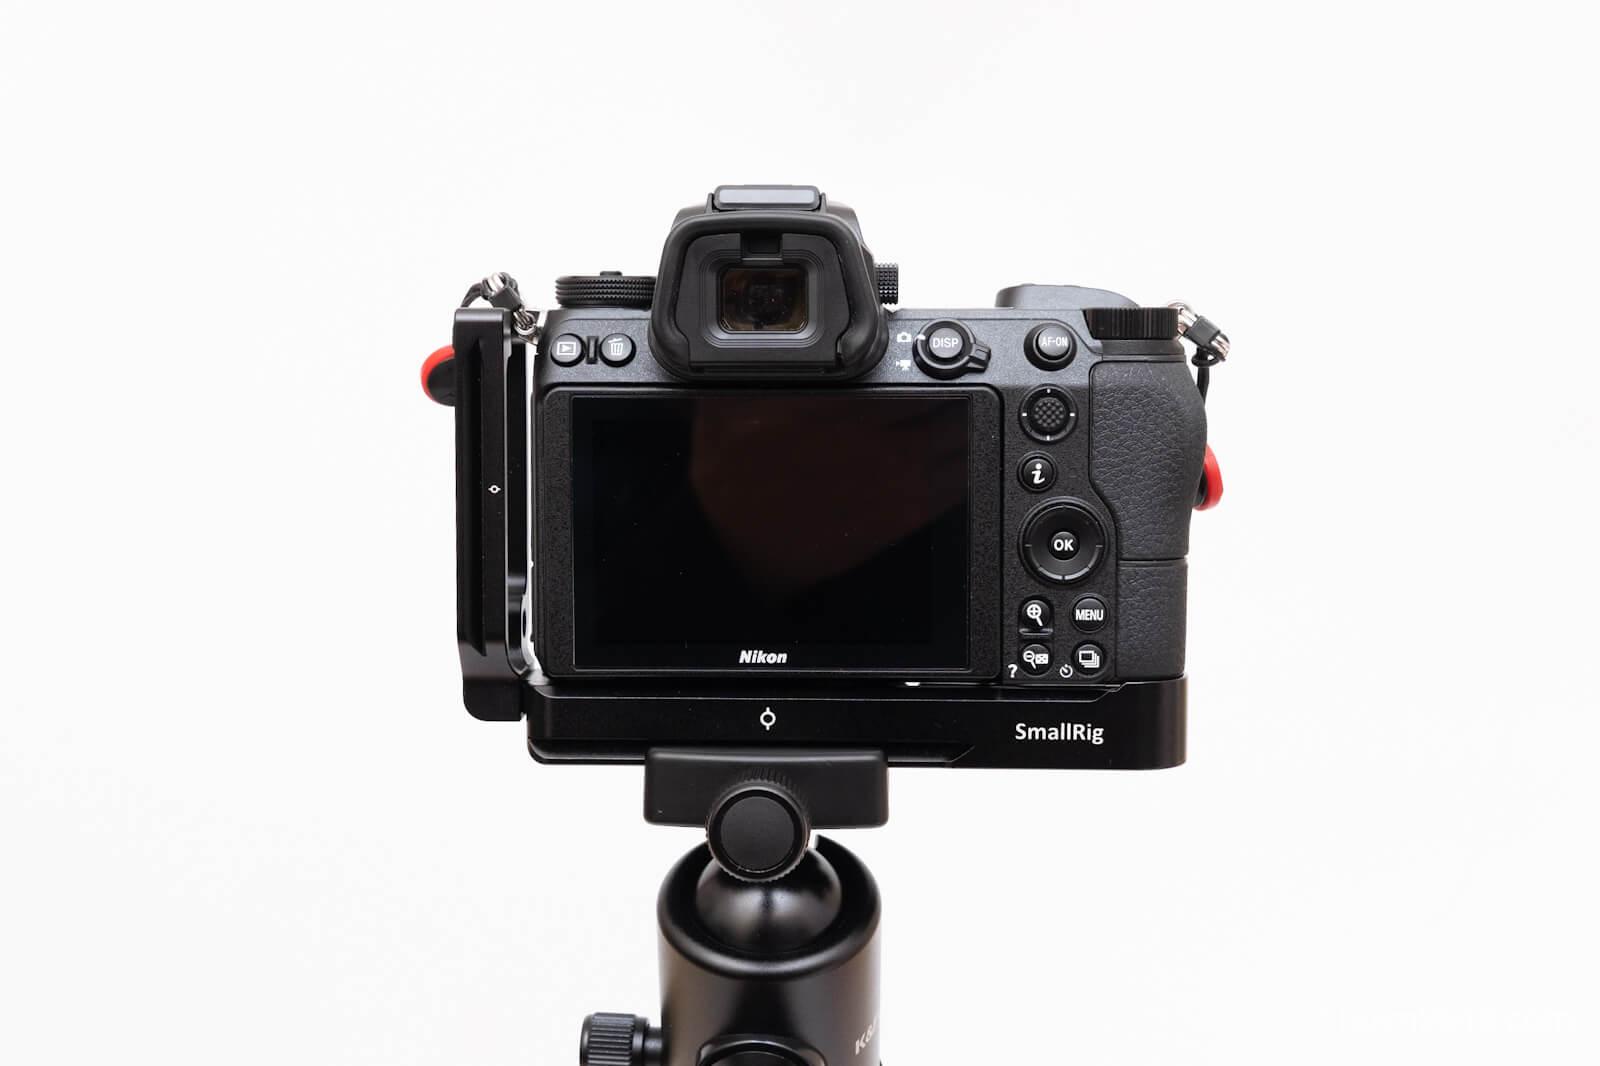 【レビュー】SmallrigのLブラケット 2258(Nikon Z6/Z7用)